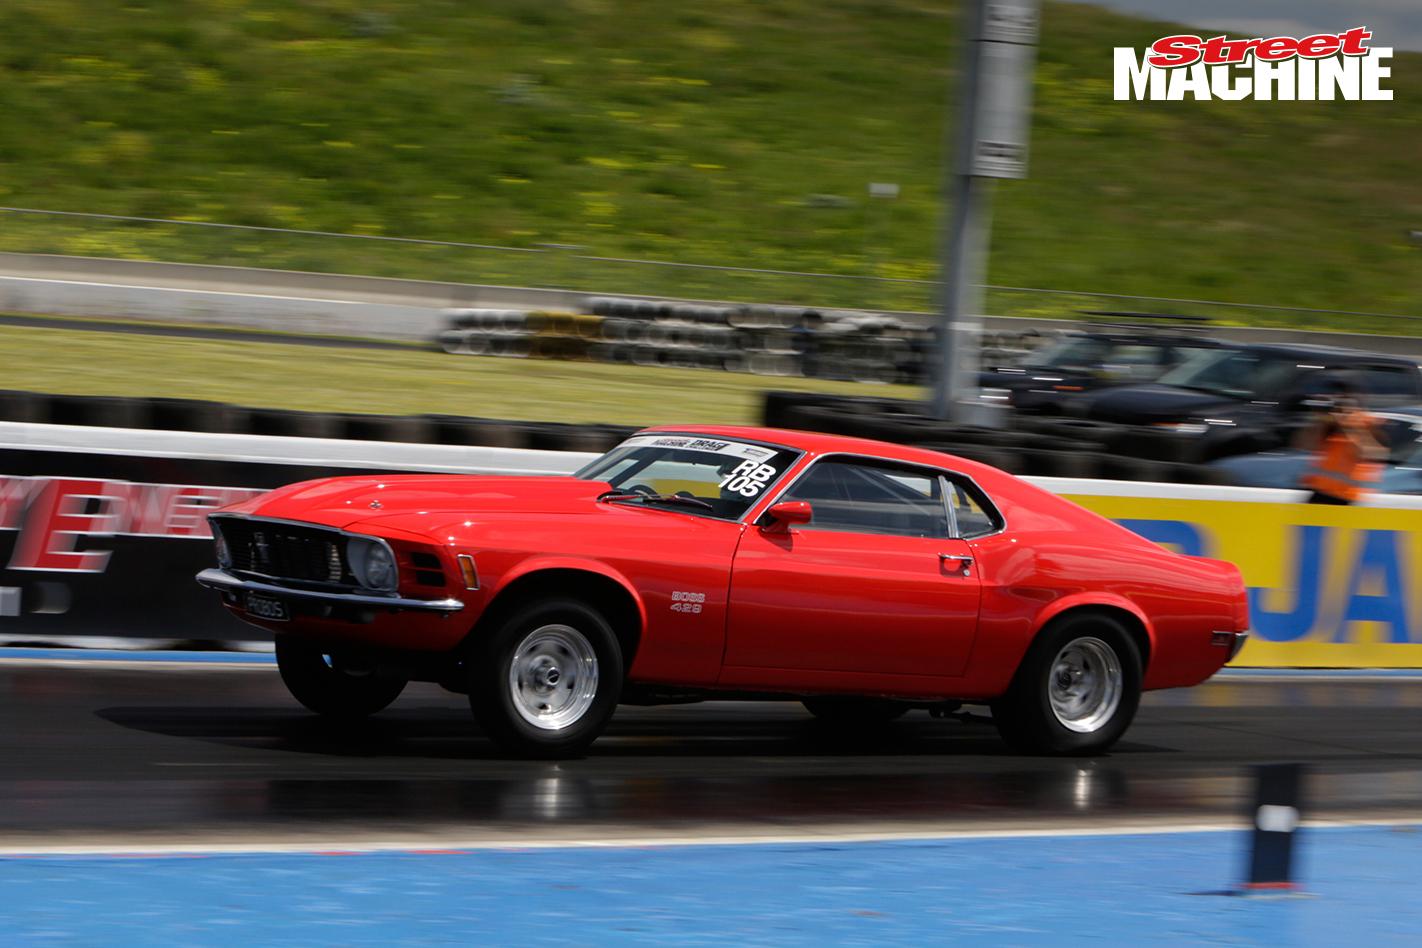 1970 Mustang Turbo 4